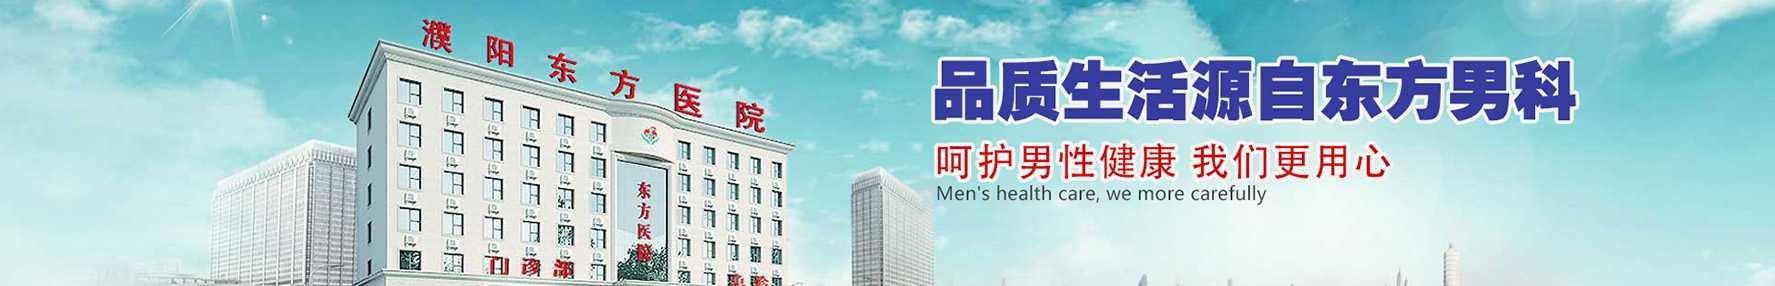 濮阳男科医院